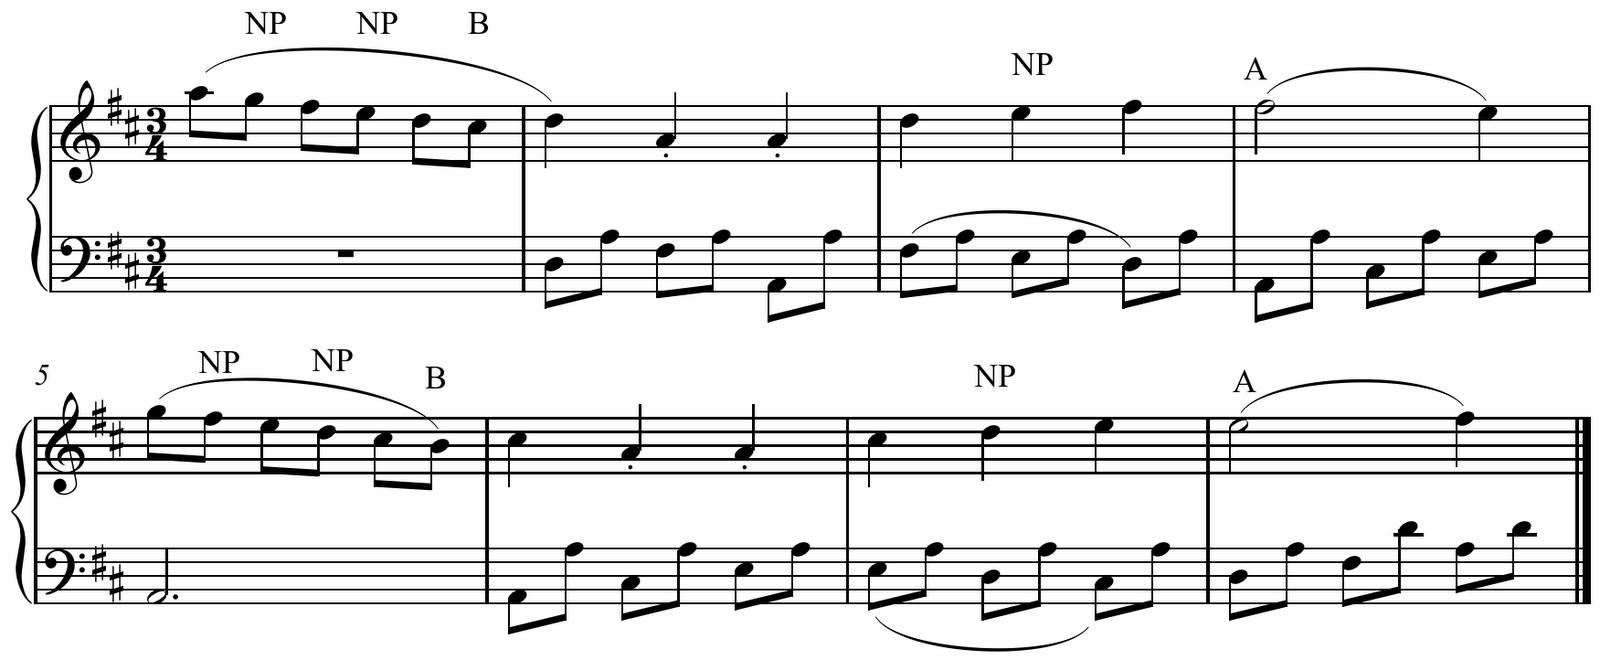 Composición}: Creación de melodías: consejos para el minuetto 2